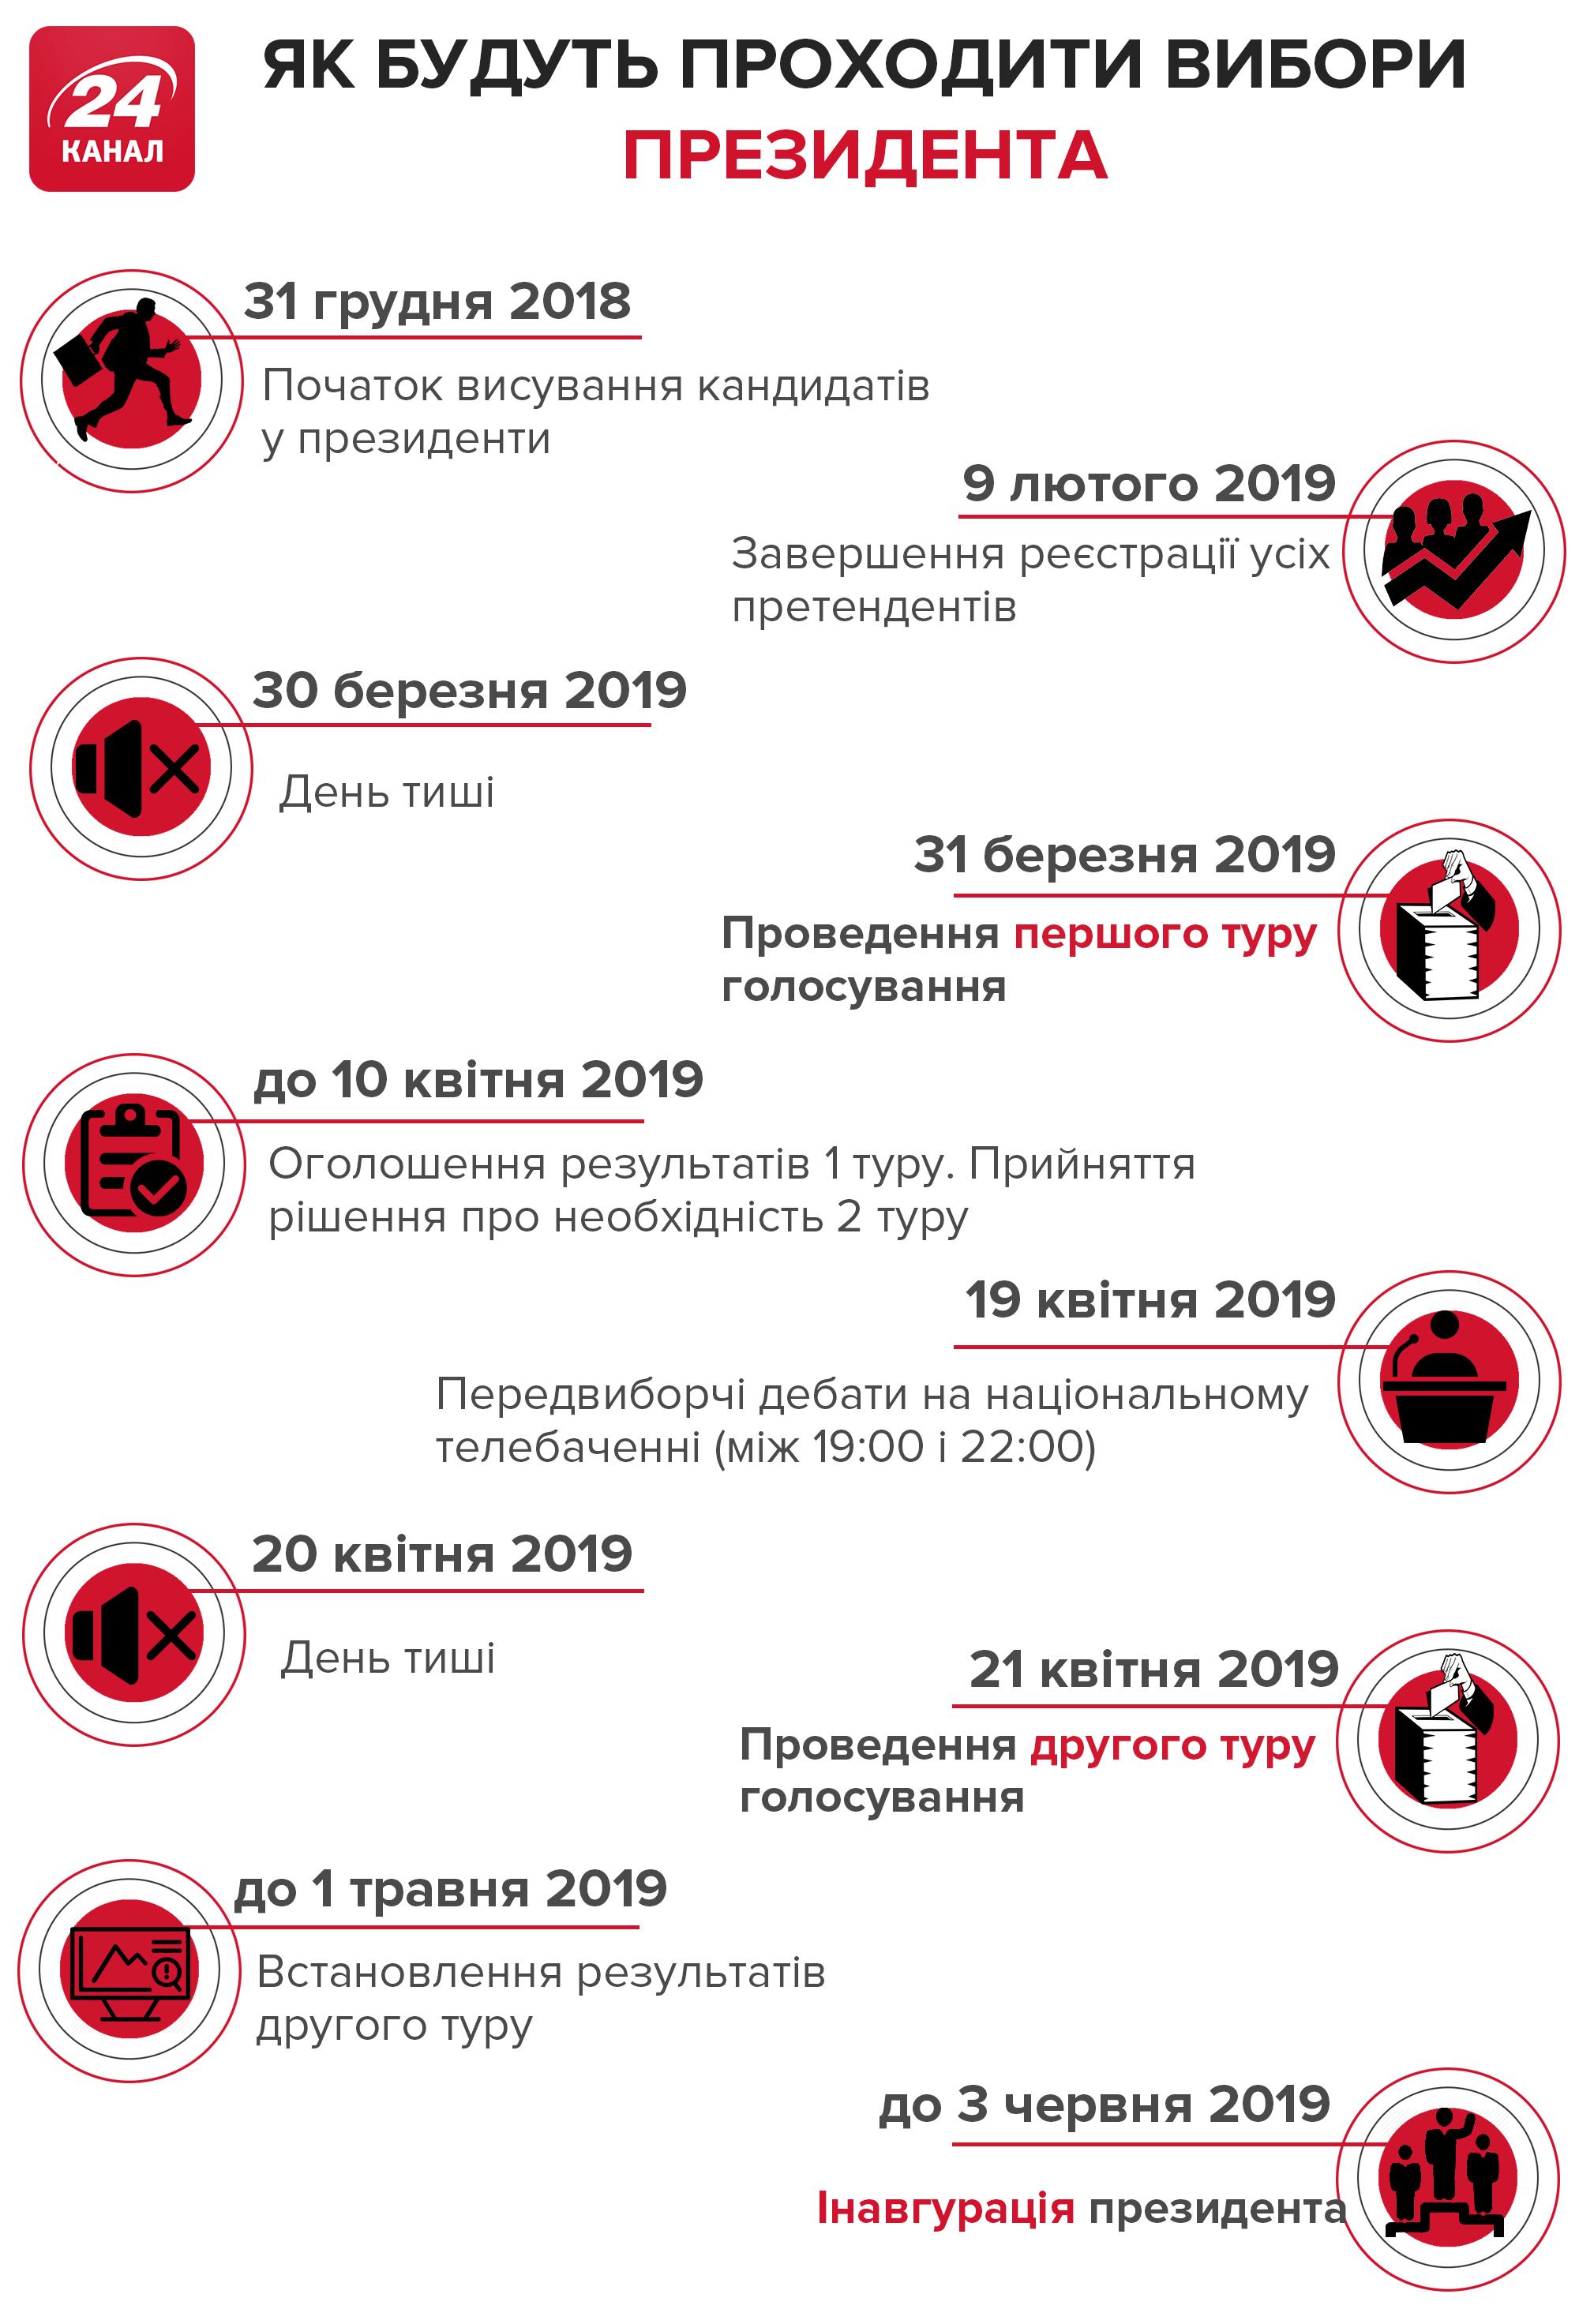 Вибори 2019 коли вибори